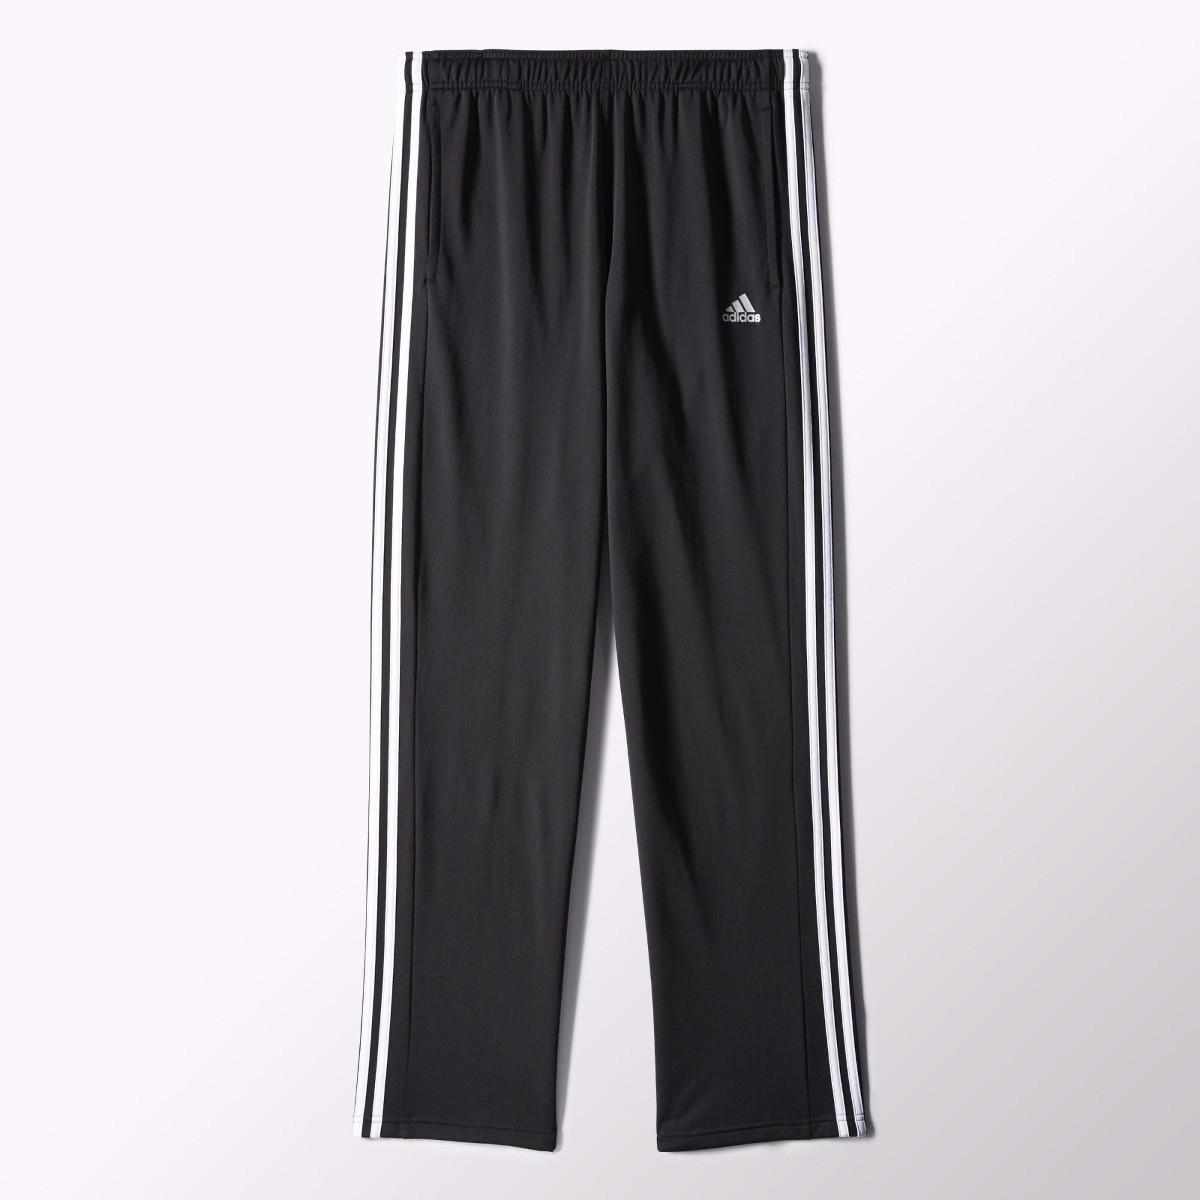 a992fd4be6 Bizz Store - Calça Masculina Adidas M KI 3S Esportiva Preta